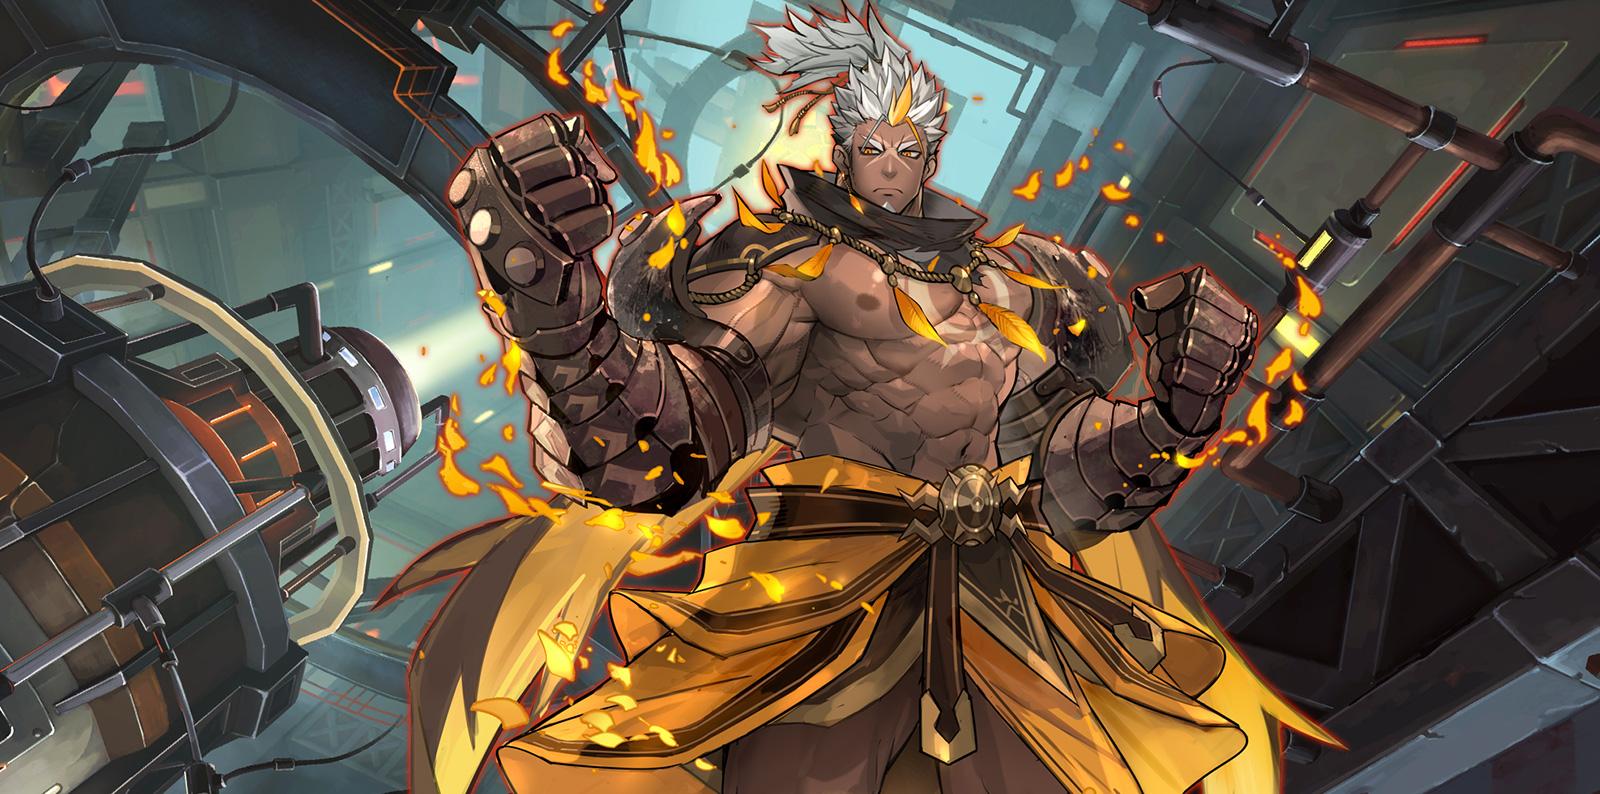 4月23日更新公告:2周年慶、新蓋伊空、靈體禮服裝扮-chouka_The_Iron_Fist_of_black_fire0.jpg